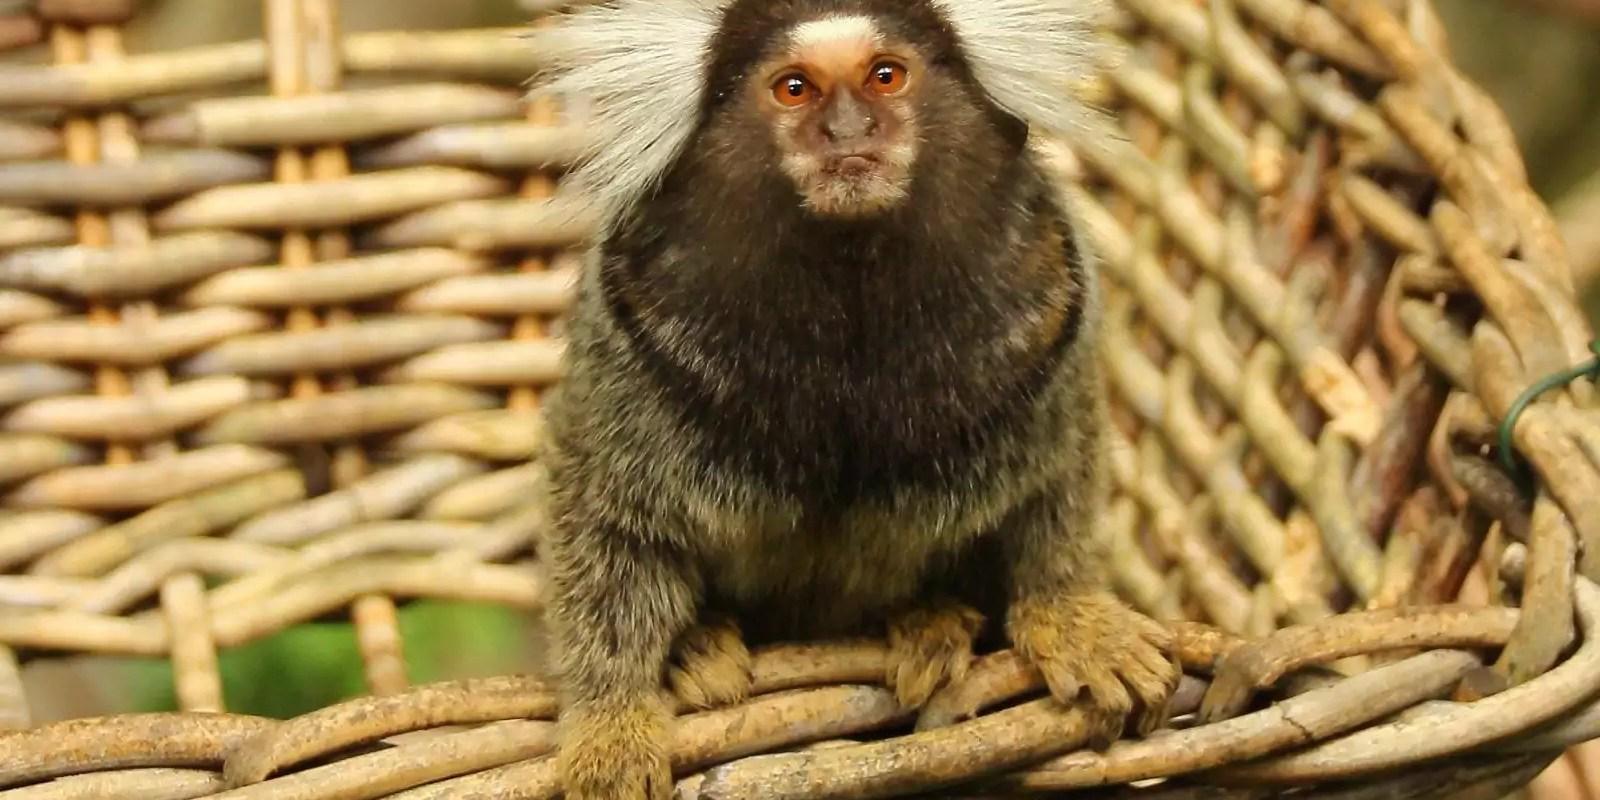 Le commerce de singes de l'université de Strasbourg dans le viseur de la justice